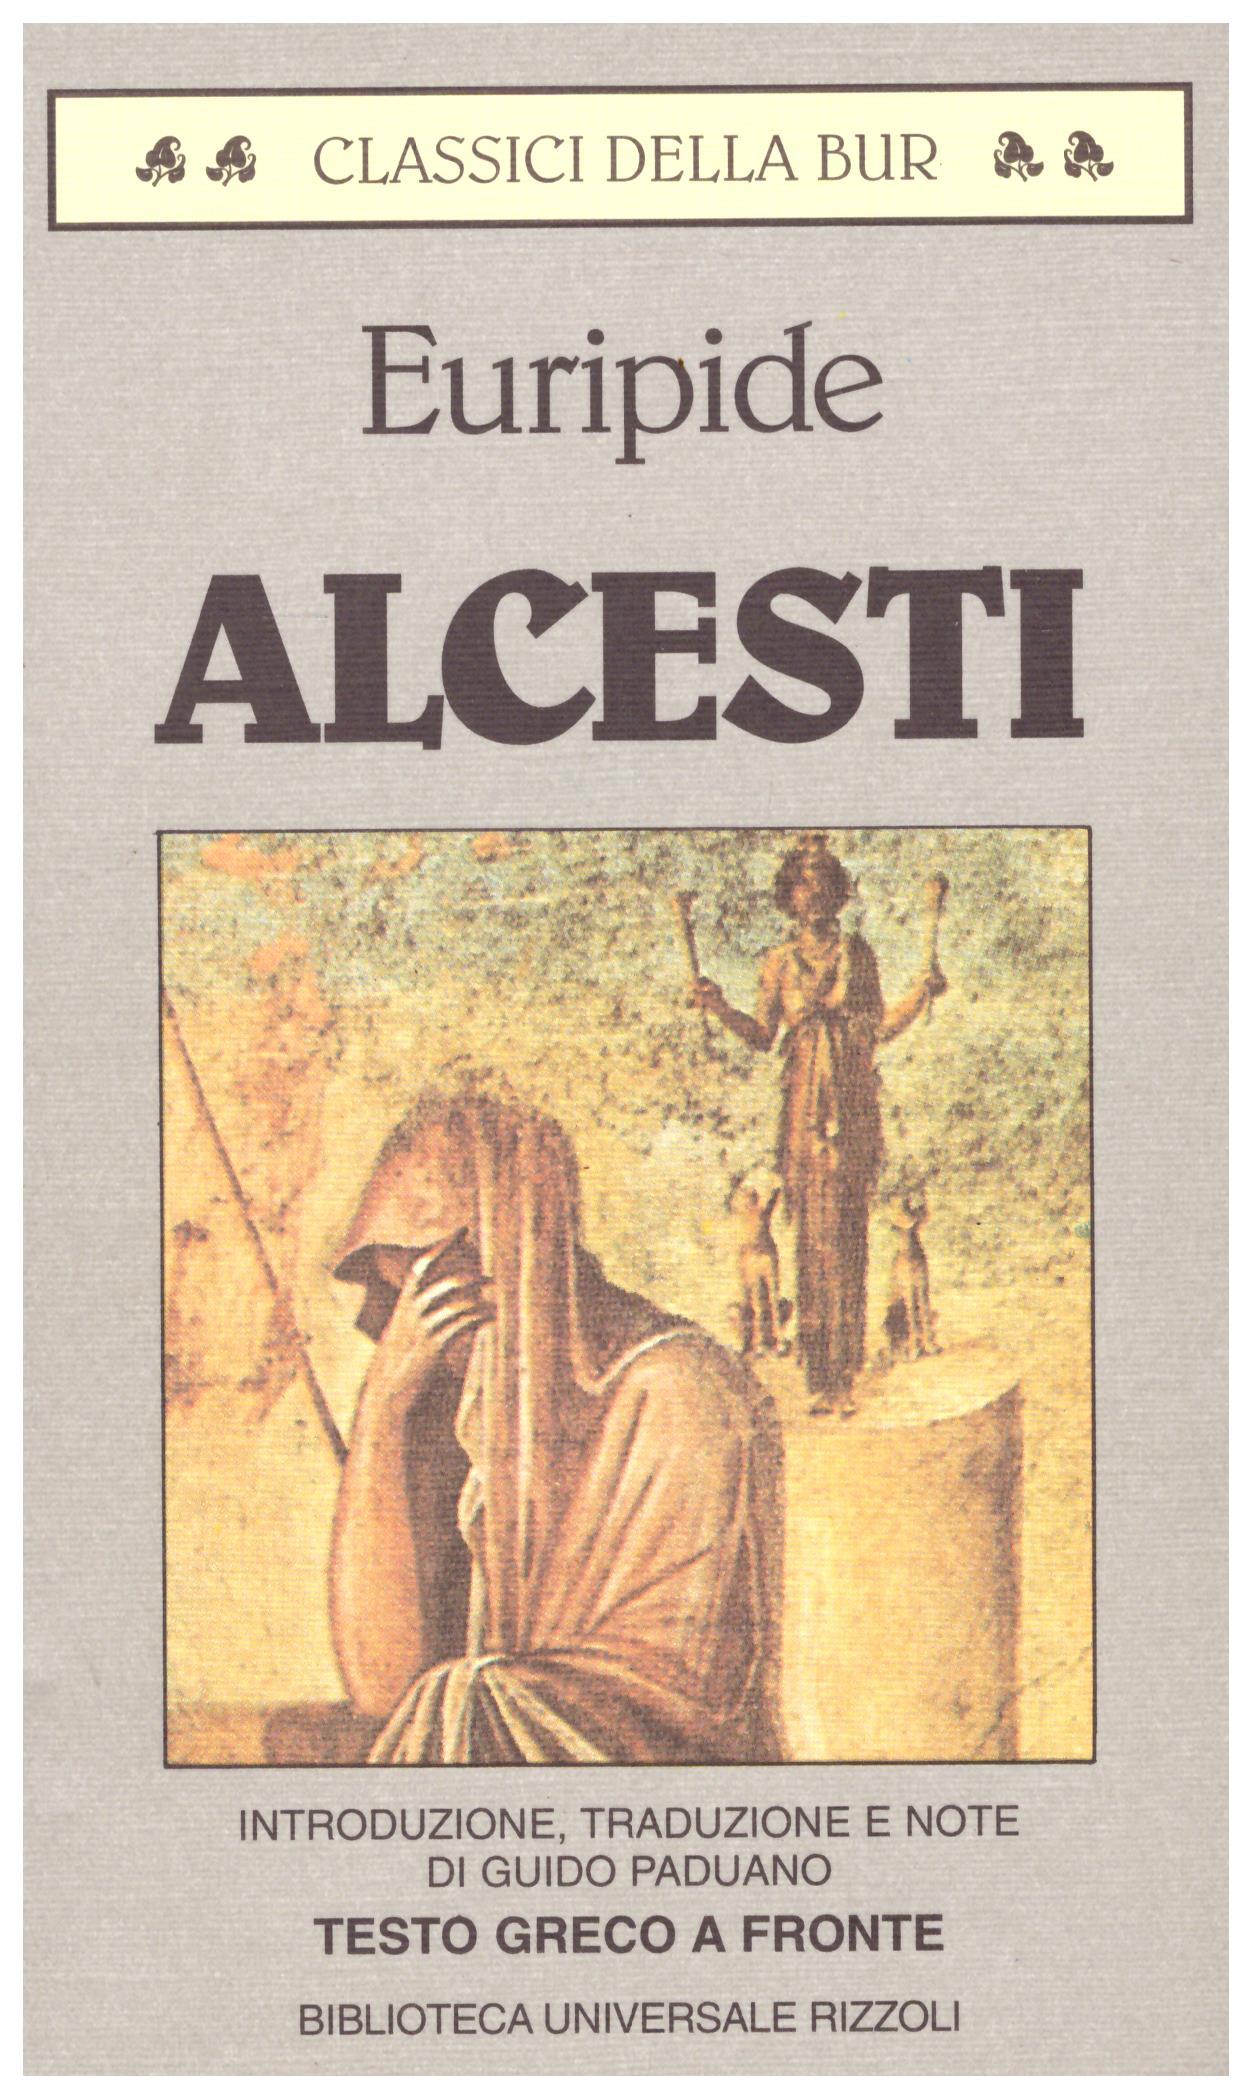 Titolo: Alcesti Autore: Euripide  Editore: bur